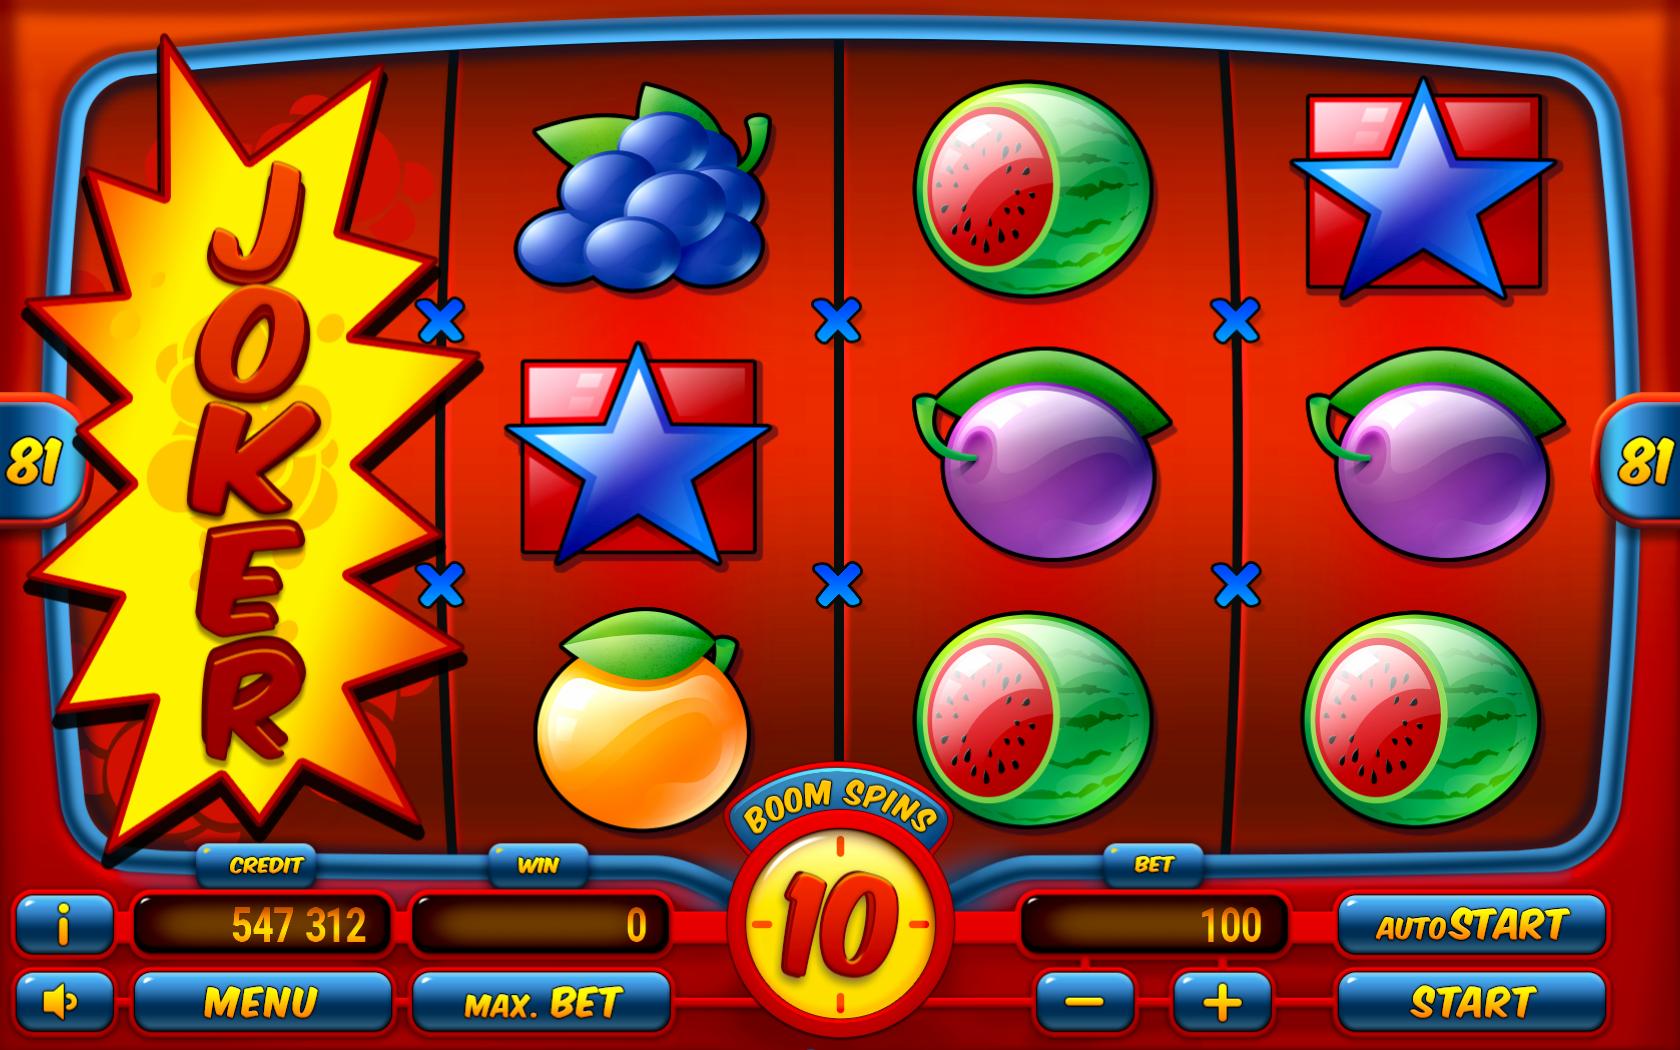 Obrázek - Automat vyplácí výhry criss-cross